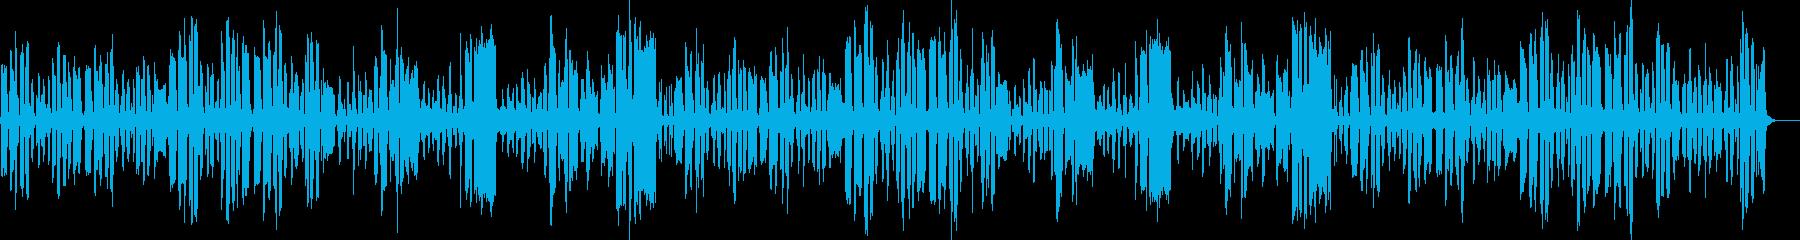 リコーダーの日常のんびり曲_ロングの再生済みの波形